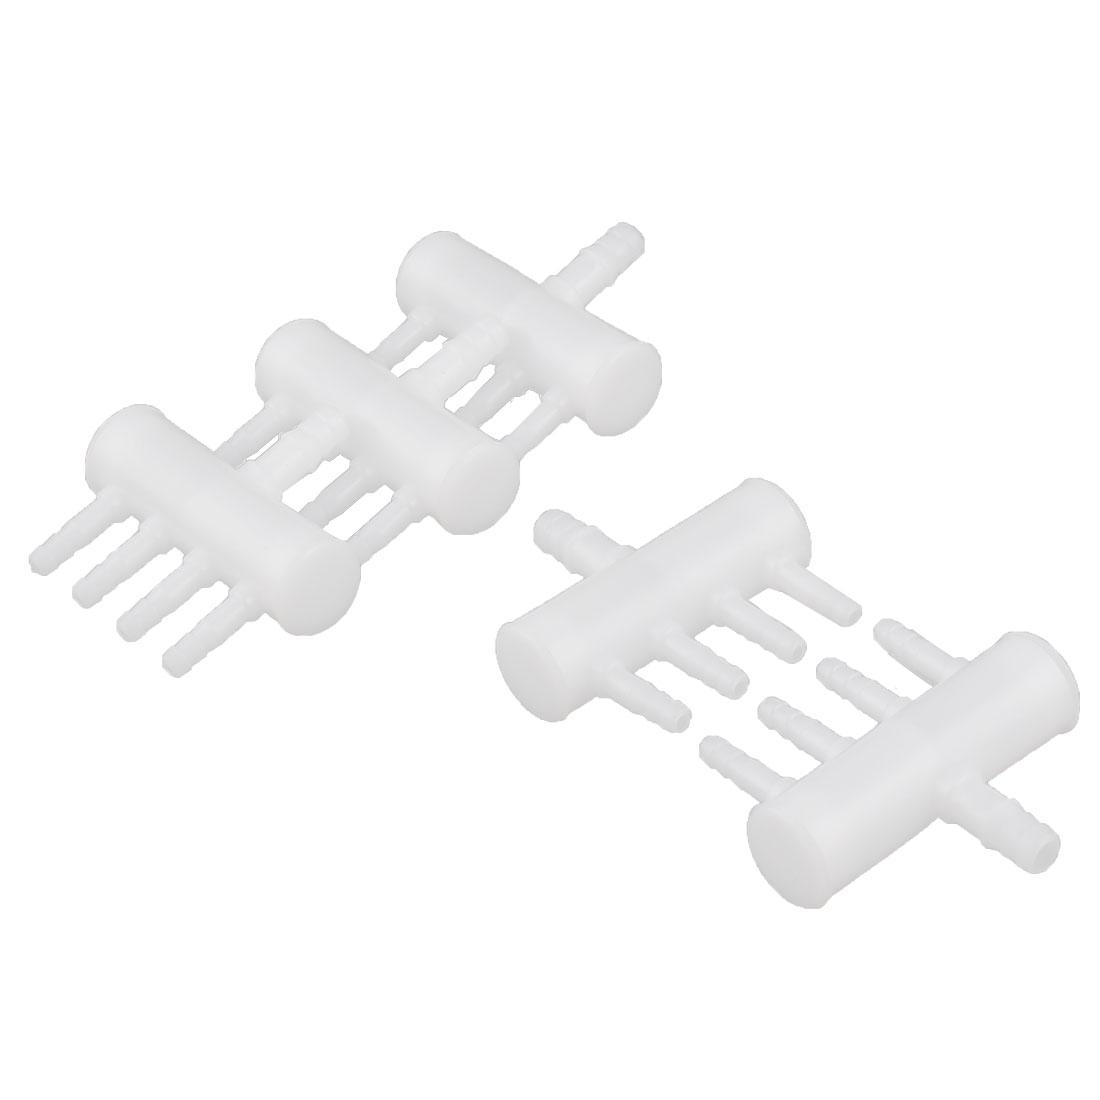 Aquarium Plastic 4 Outlets Oxygen Flow Controller Distributor Valve White 5pcs